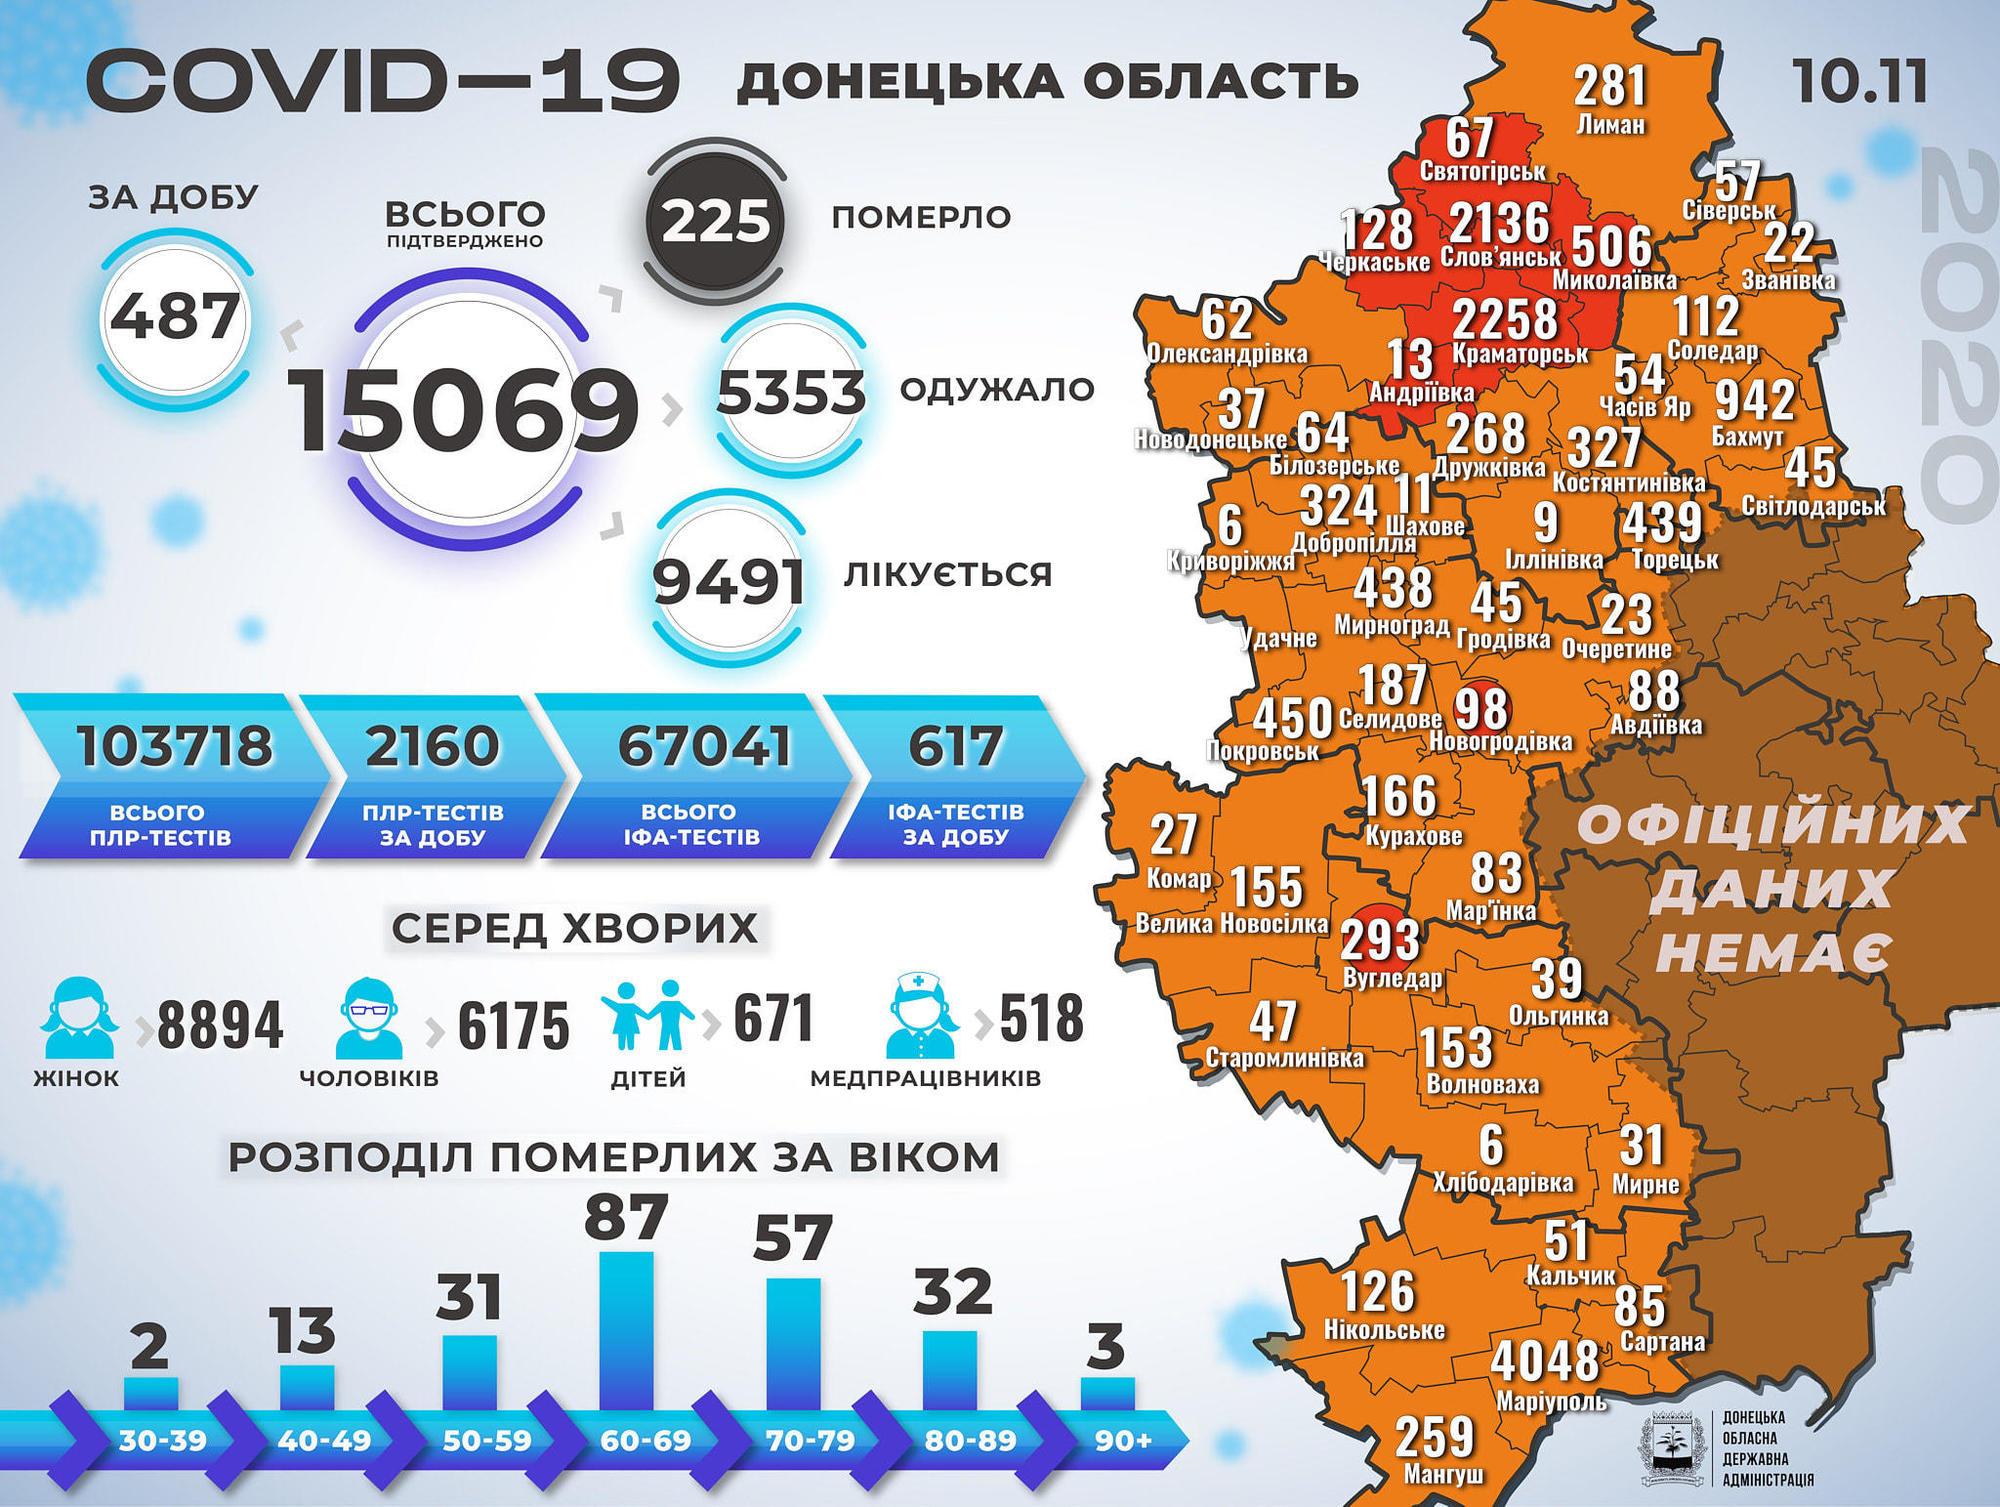 На підконтрольній Донеччині COVID-19 діагностували вже 15 тисячам людей